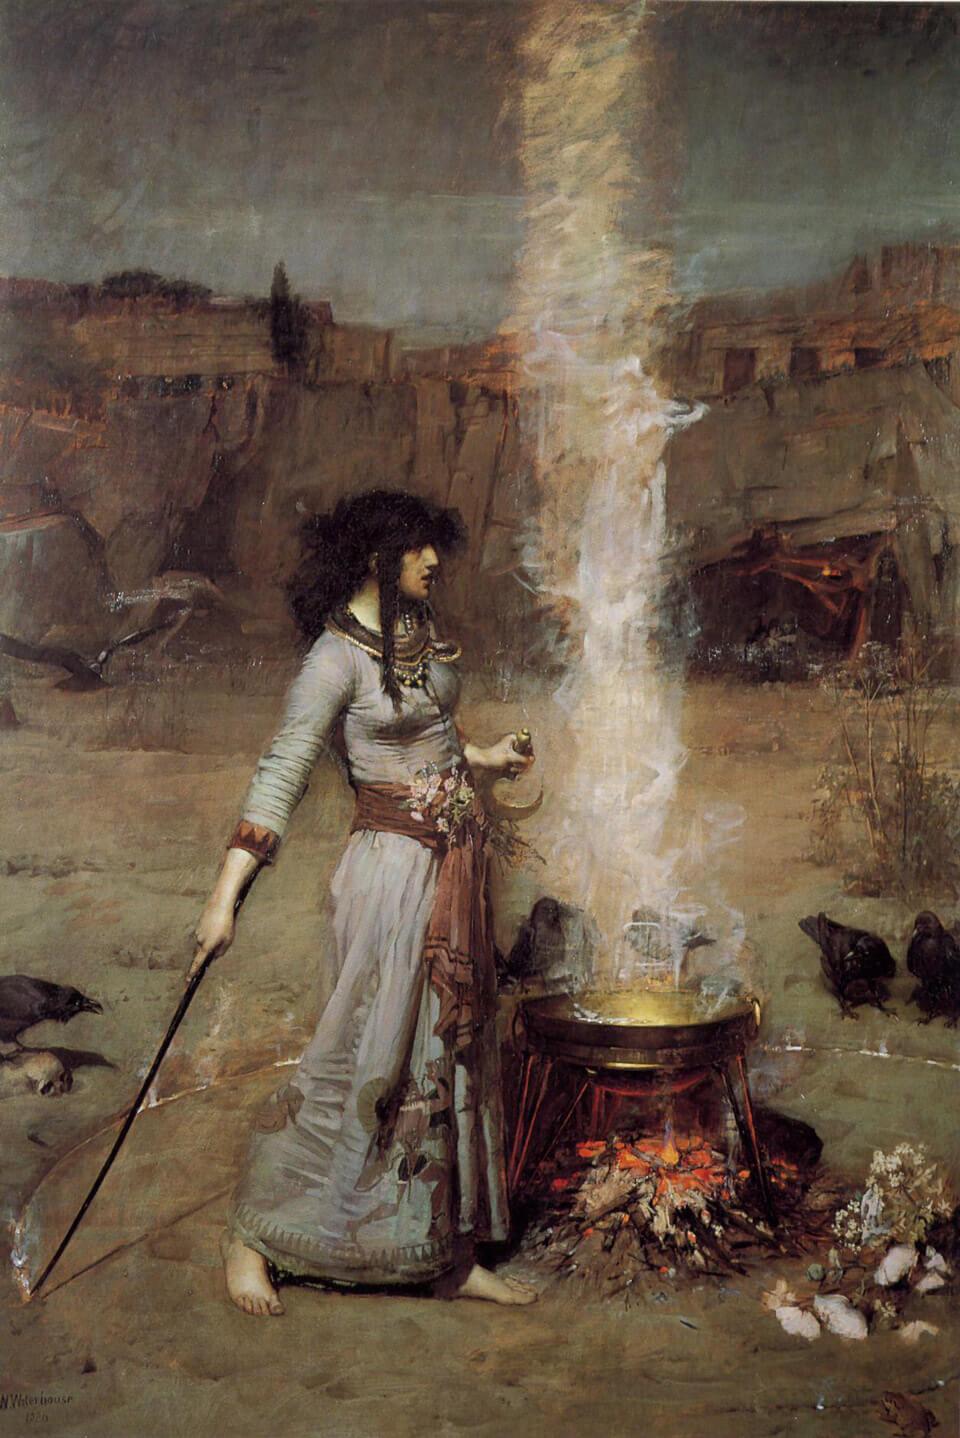 Apócrifa Art Magazine, Brujas, El círculo mágico